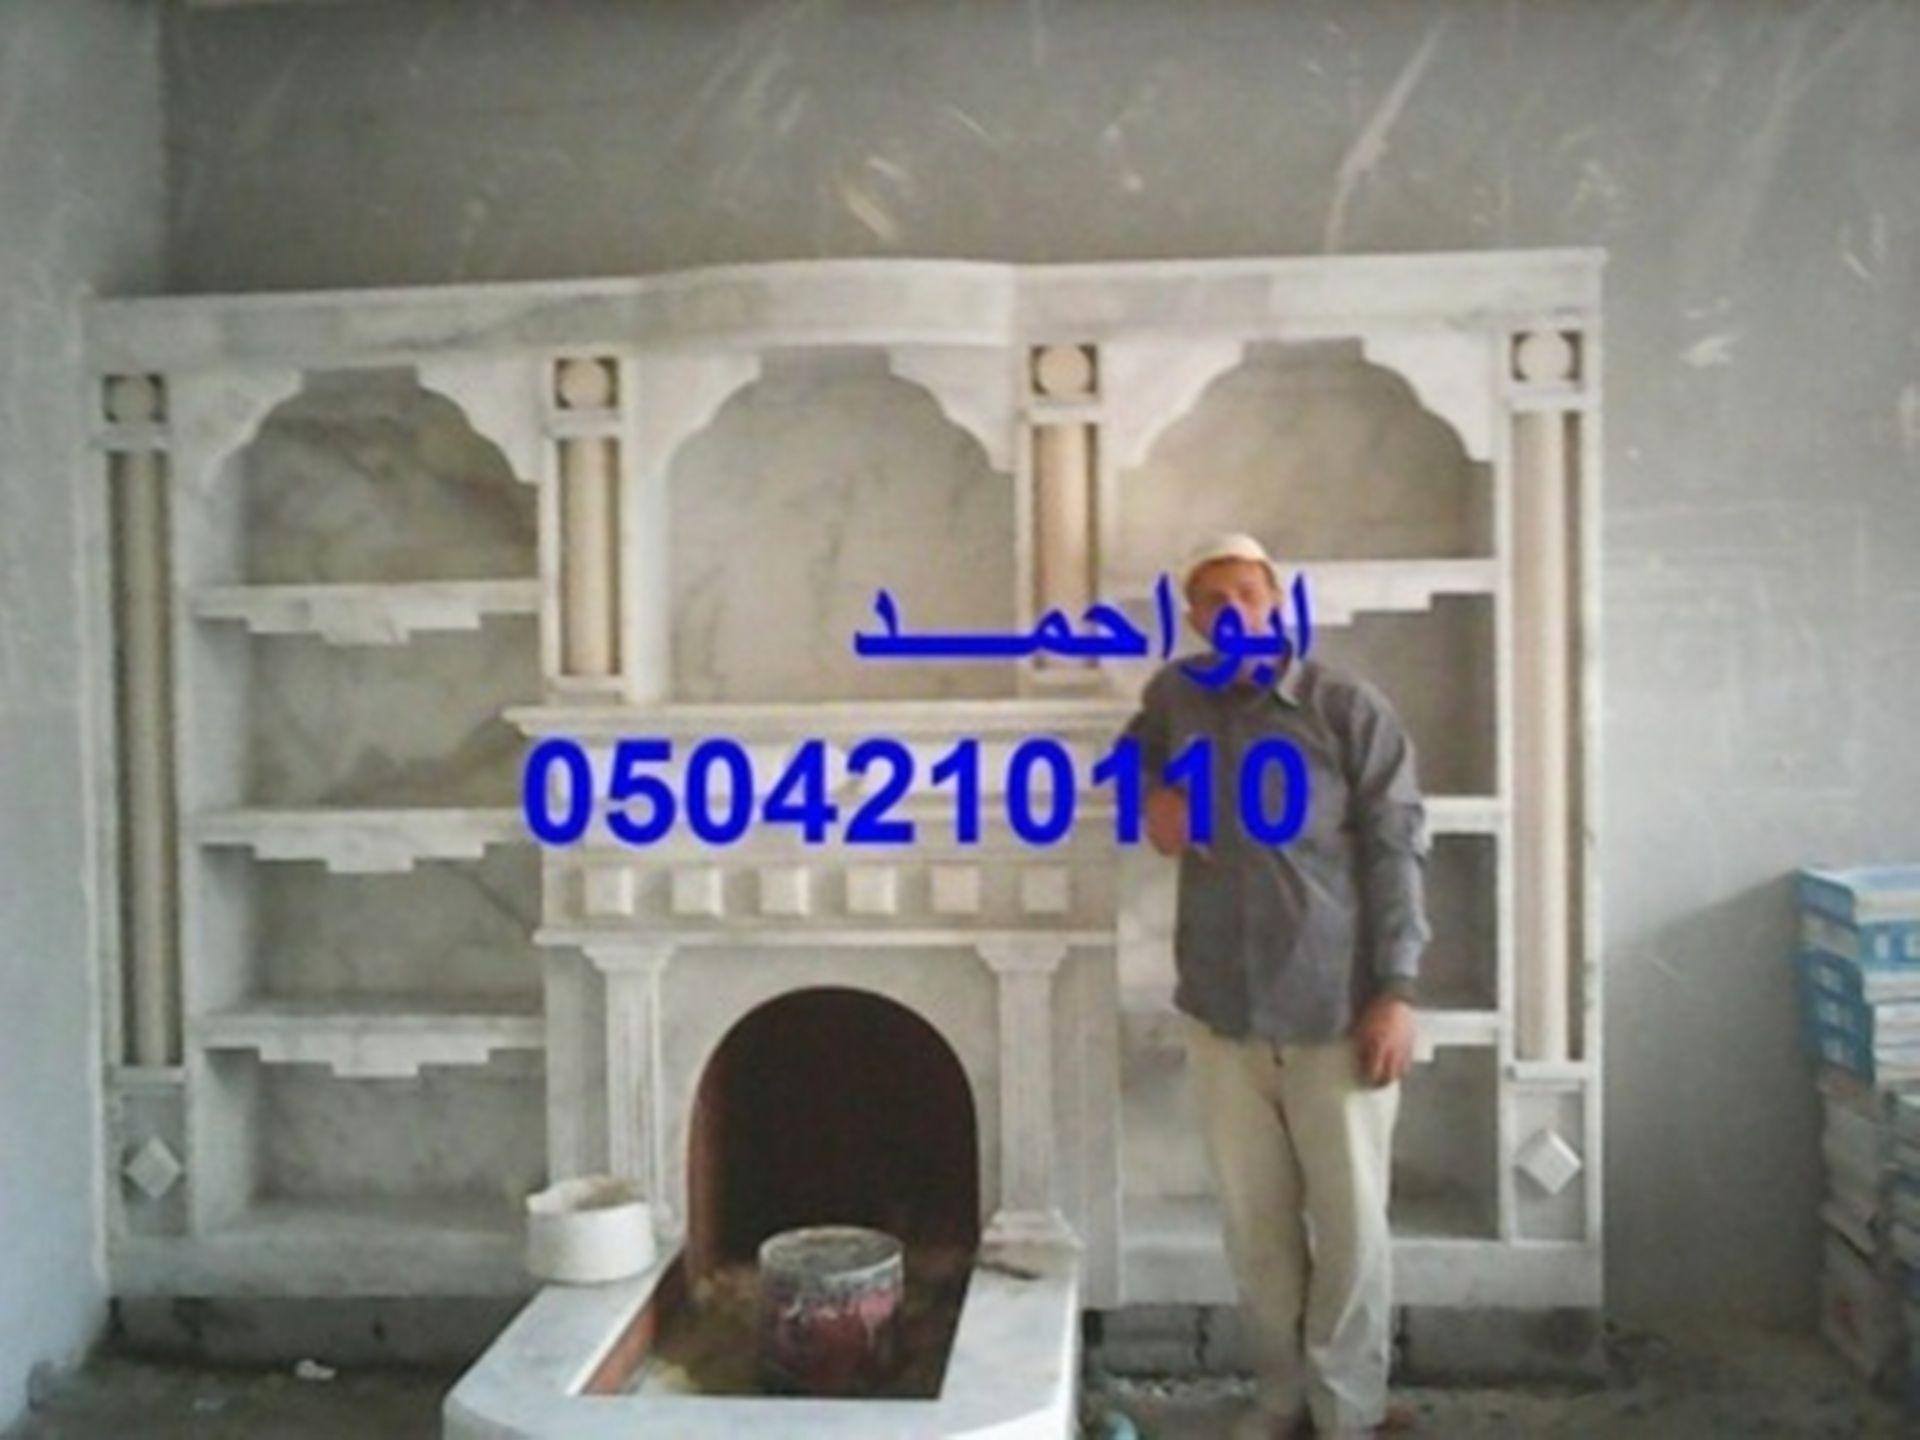 لدينا ديكورات مشبات تراثية بطابع عربي مميز و ديكورات مشبات جبسية تتميز بسهولة تلوينها وتشكيلها واضافة زخارف مميزة اليها كما Home Decor Home Decor Decals Decor